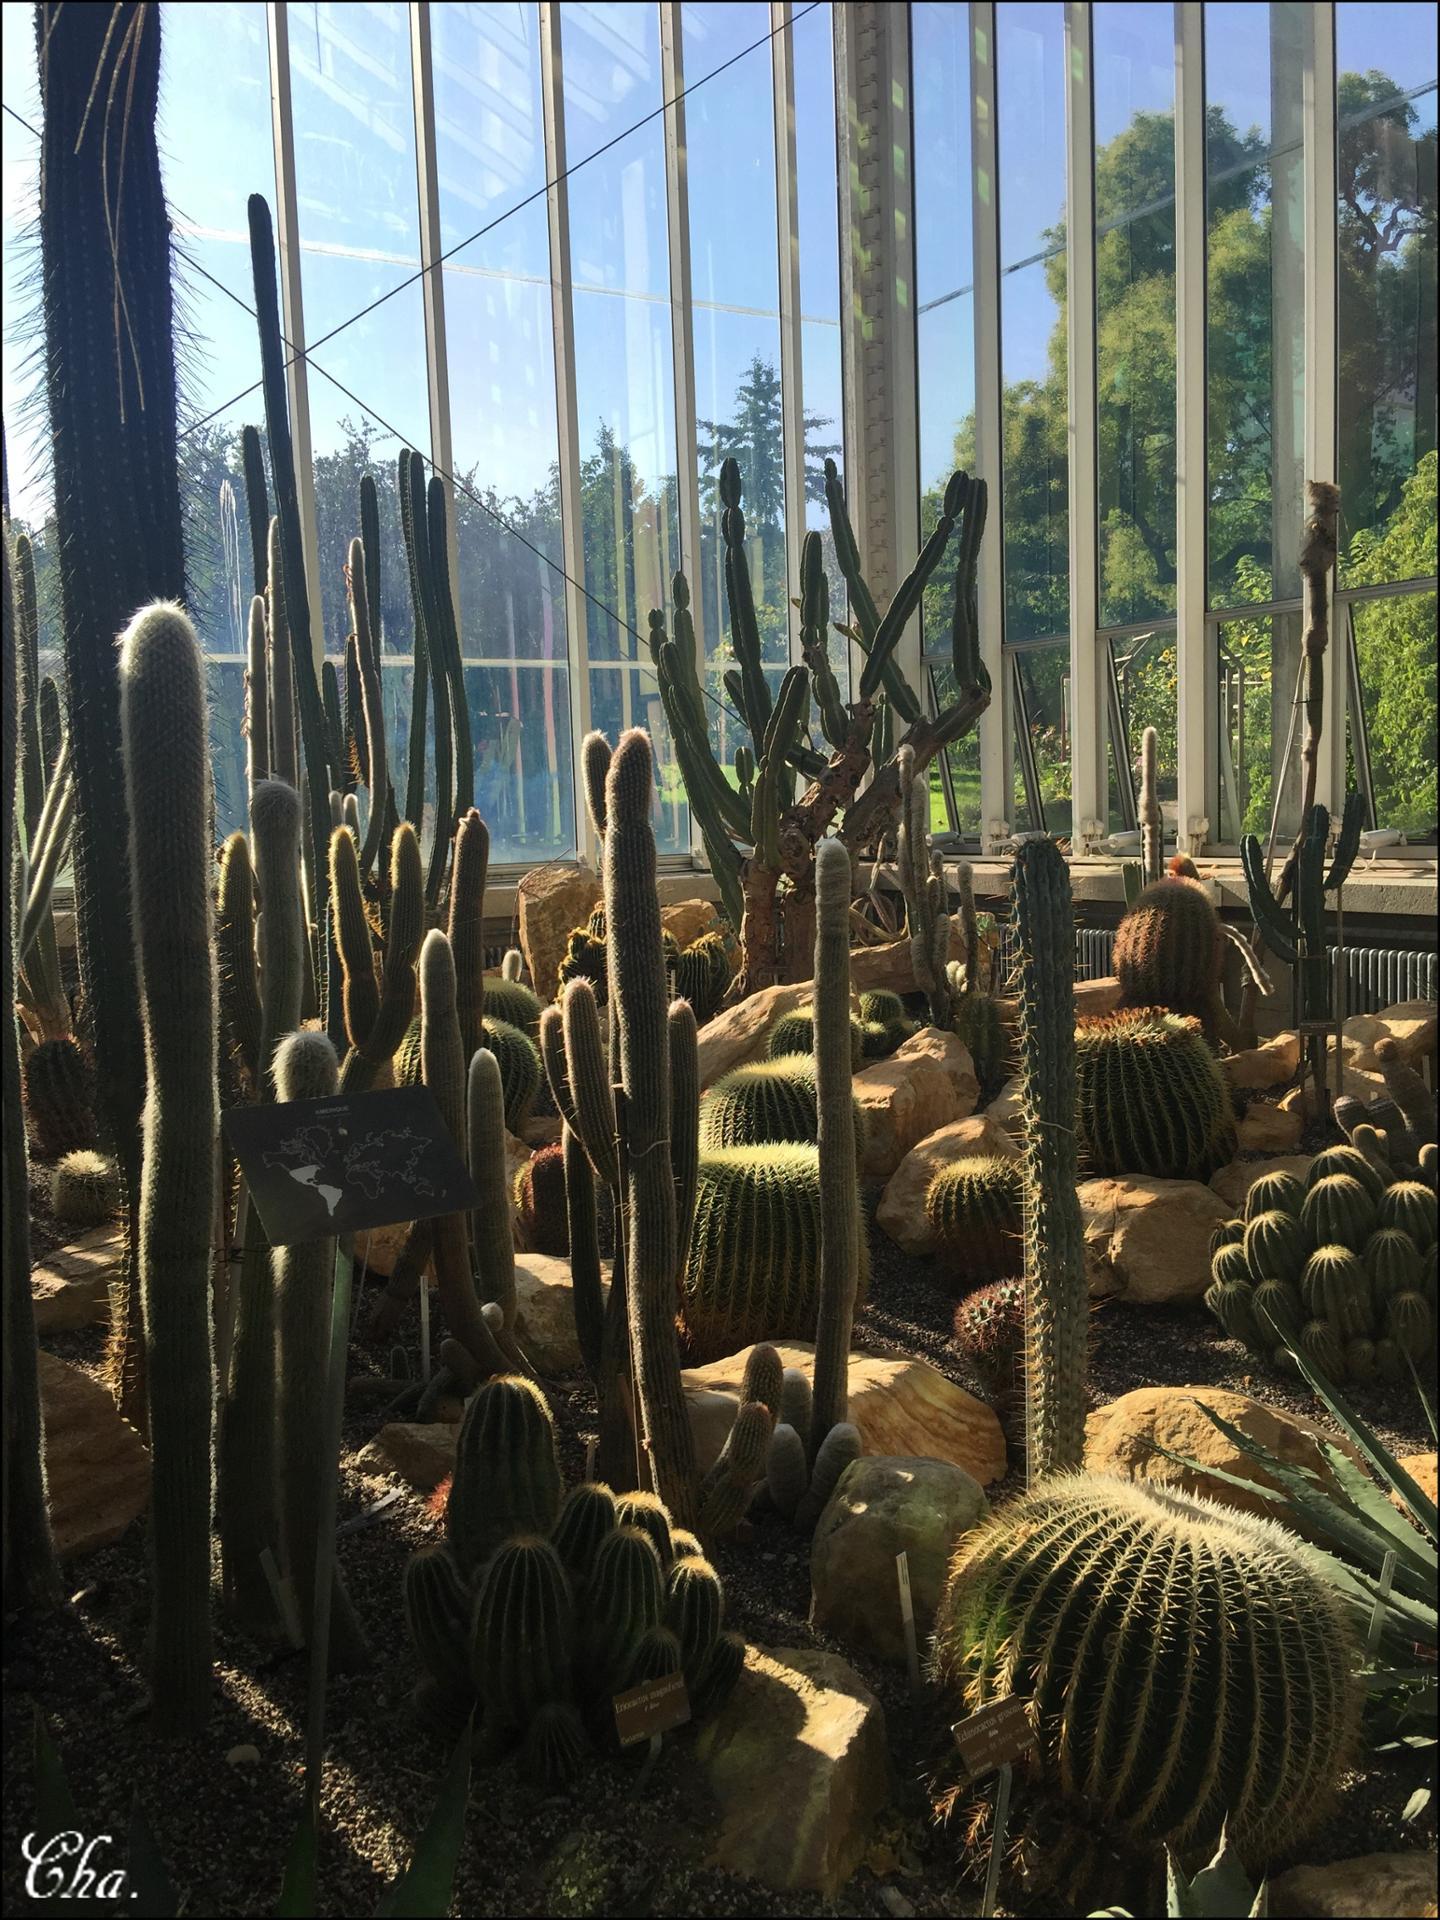 Jardin botanique.